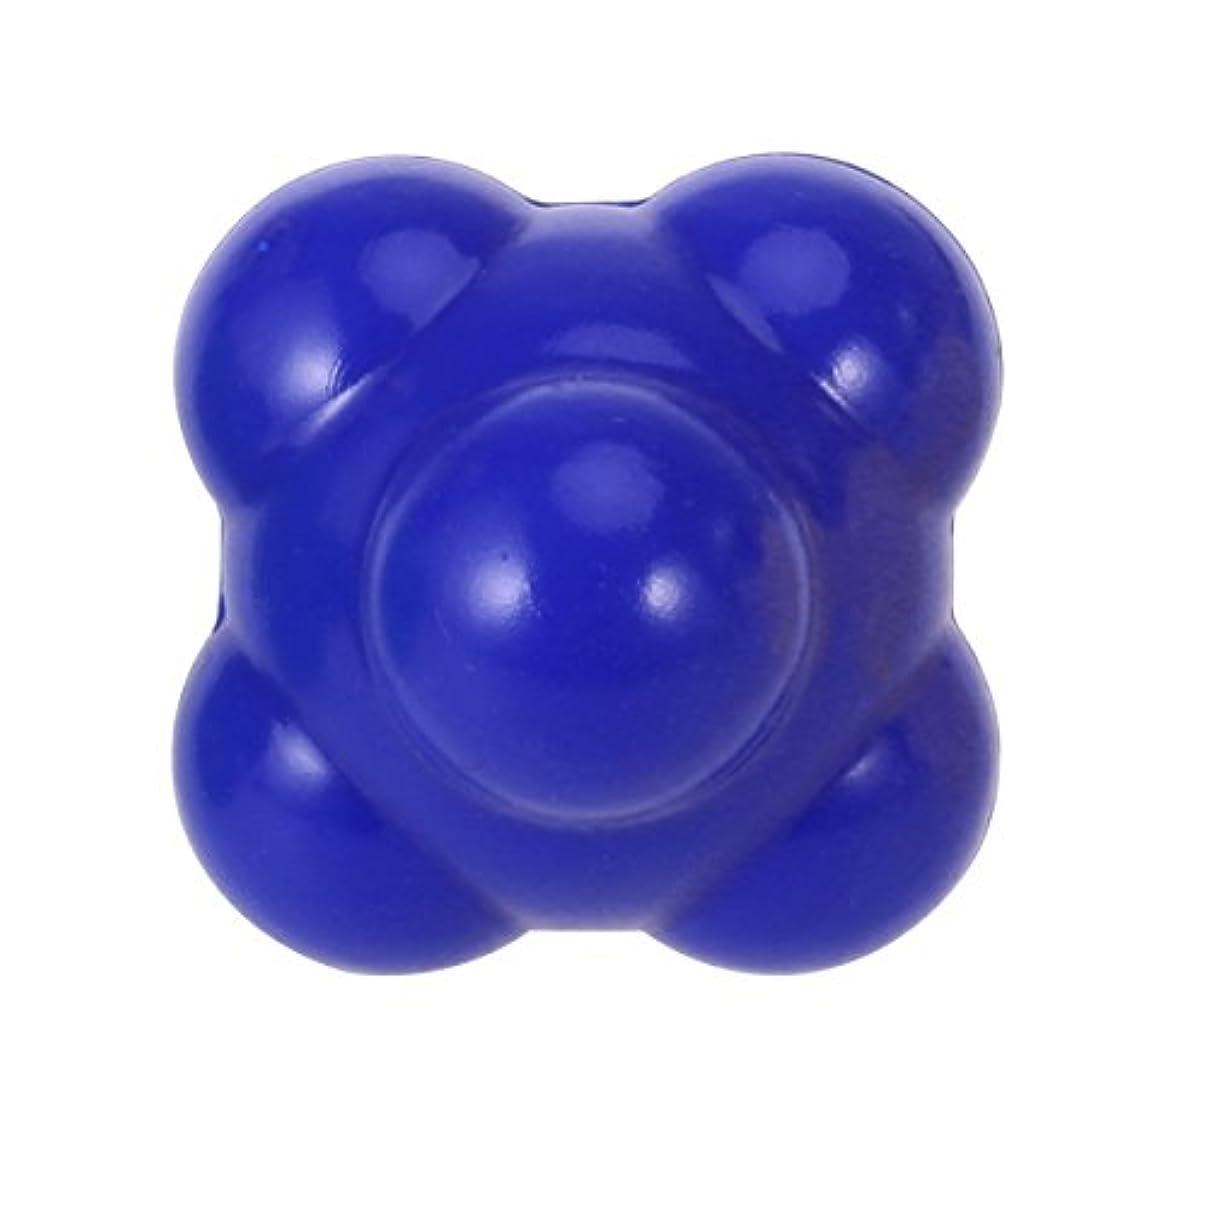 肝ハンマー動かすROSENICE 敏捷性ボール58mm優れたハンドアイ配位の開発(ブルー)